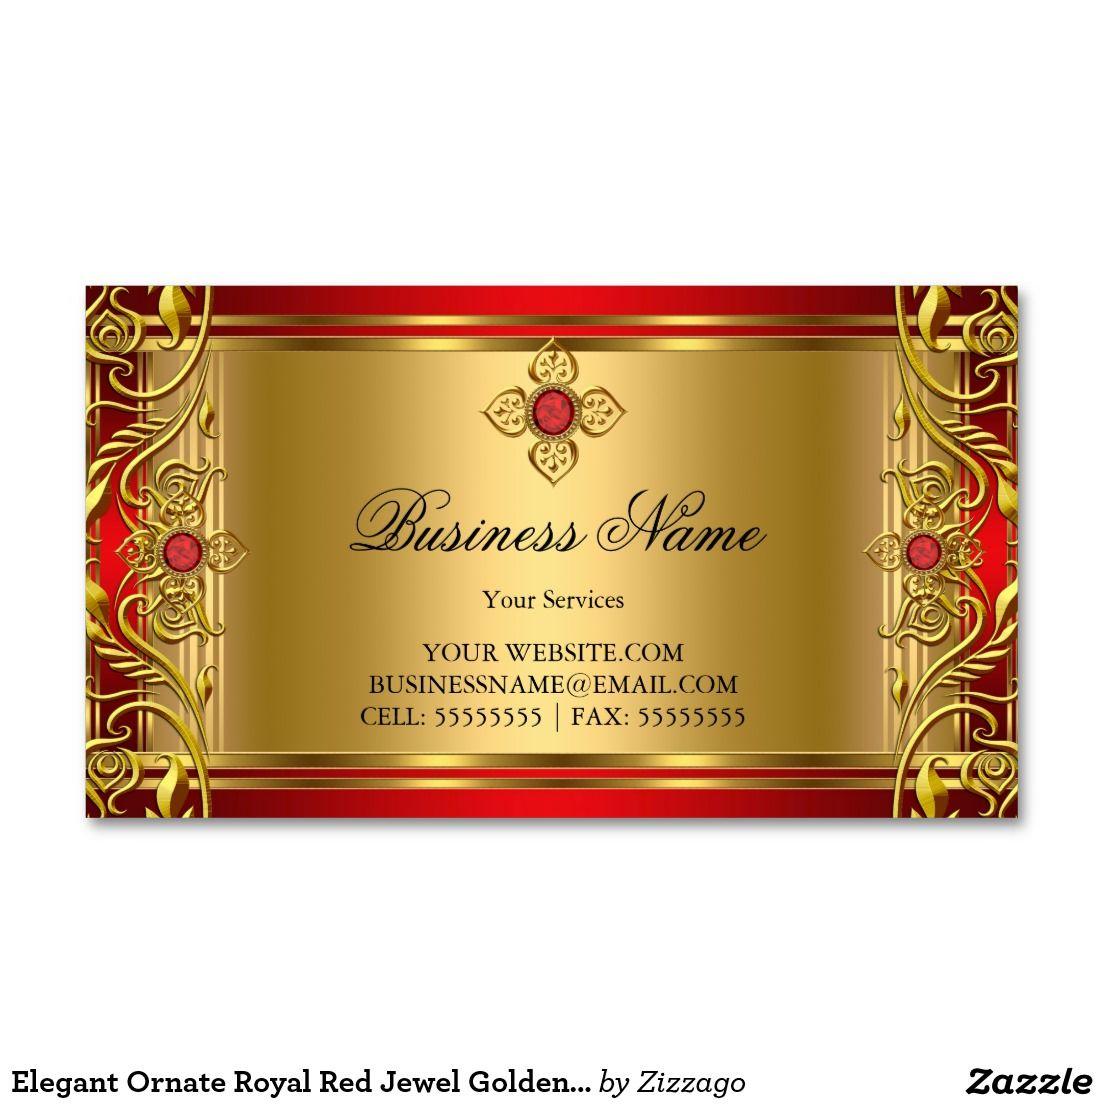 Elegant Ornate Royal Red Jewel Golden Gold Business Card Royal Red